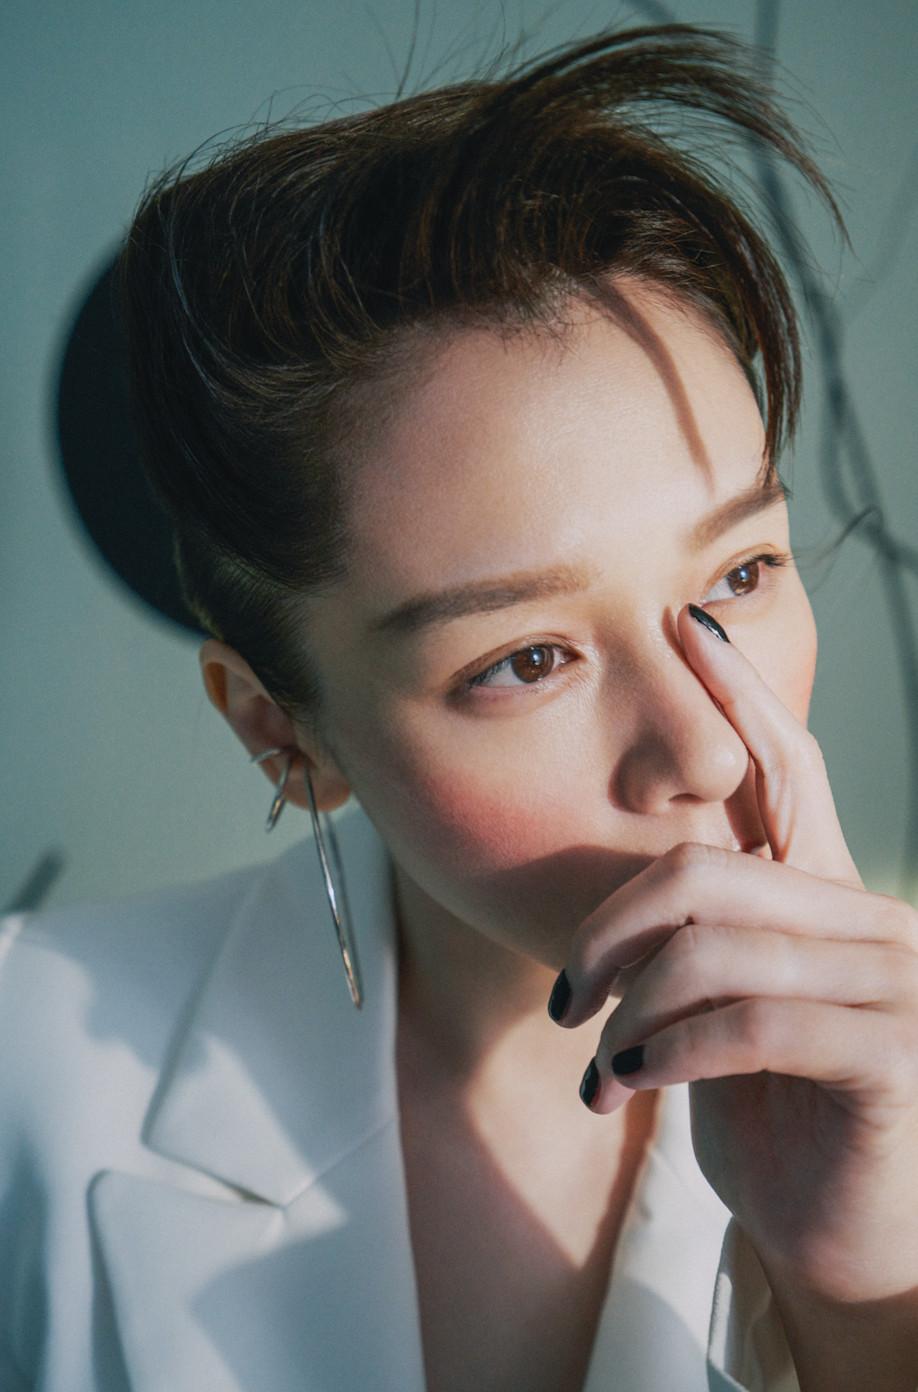 """徐若瑄顶""""乱翘浏海""""超逆龄!穿self-portrait西装摆拍根本少女"""